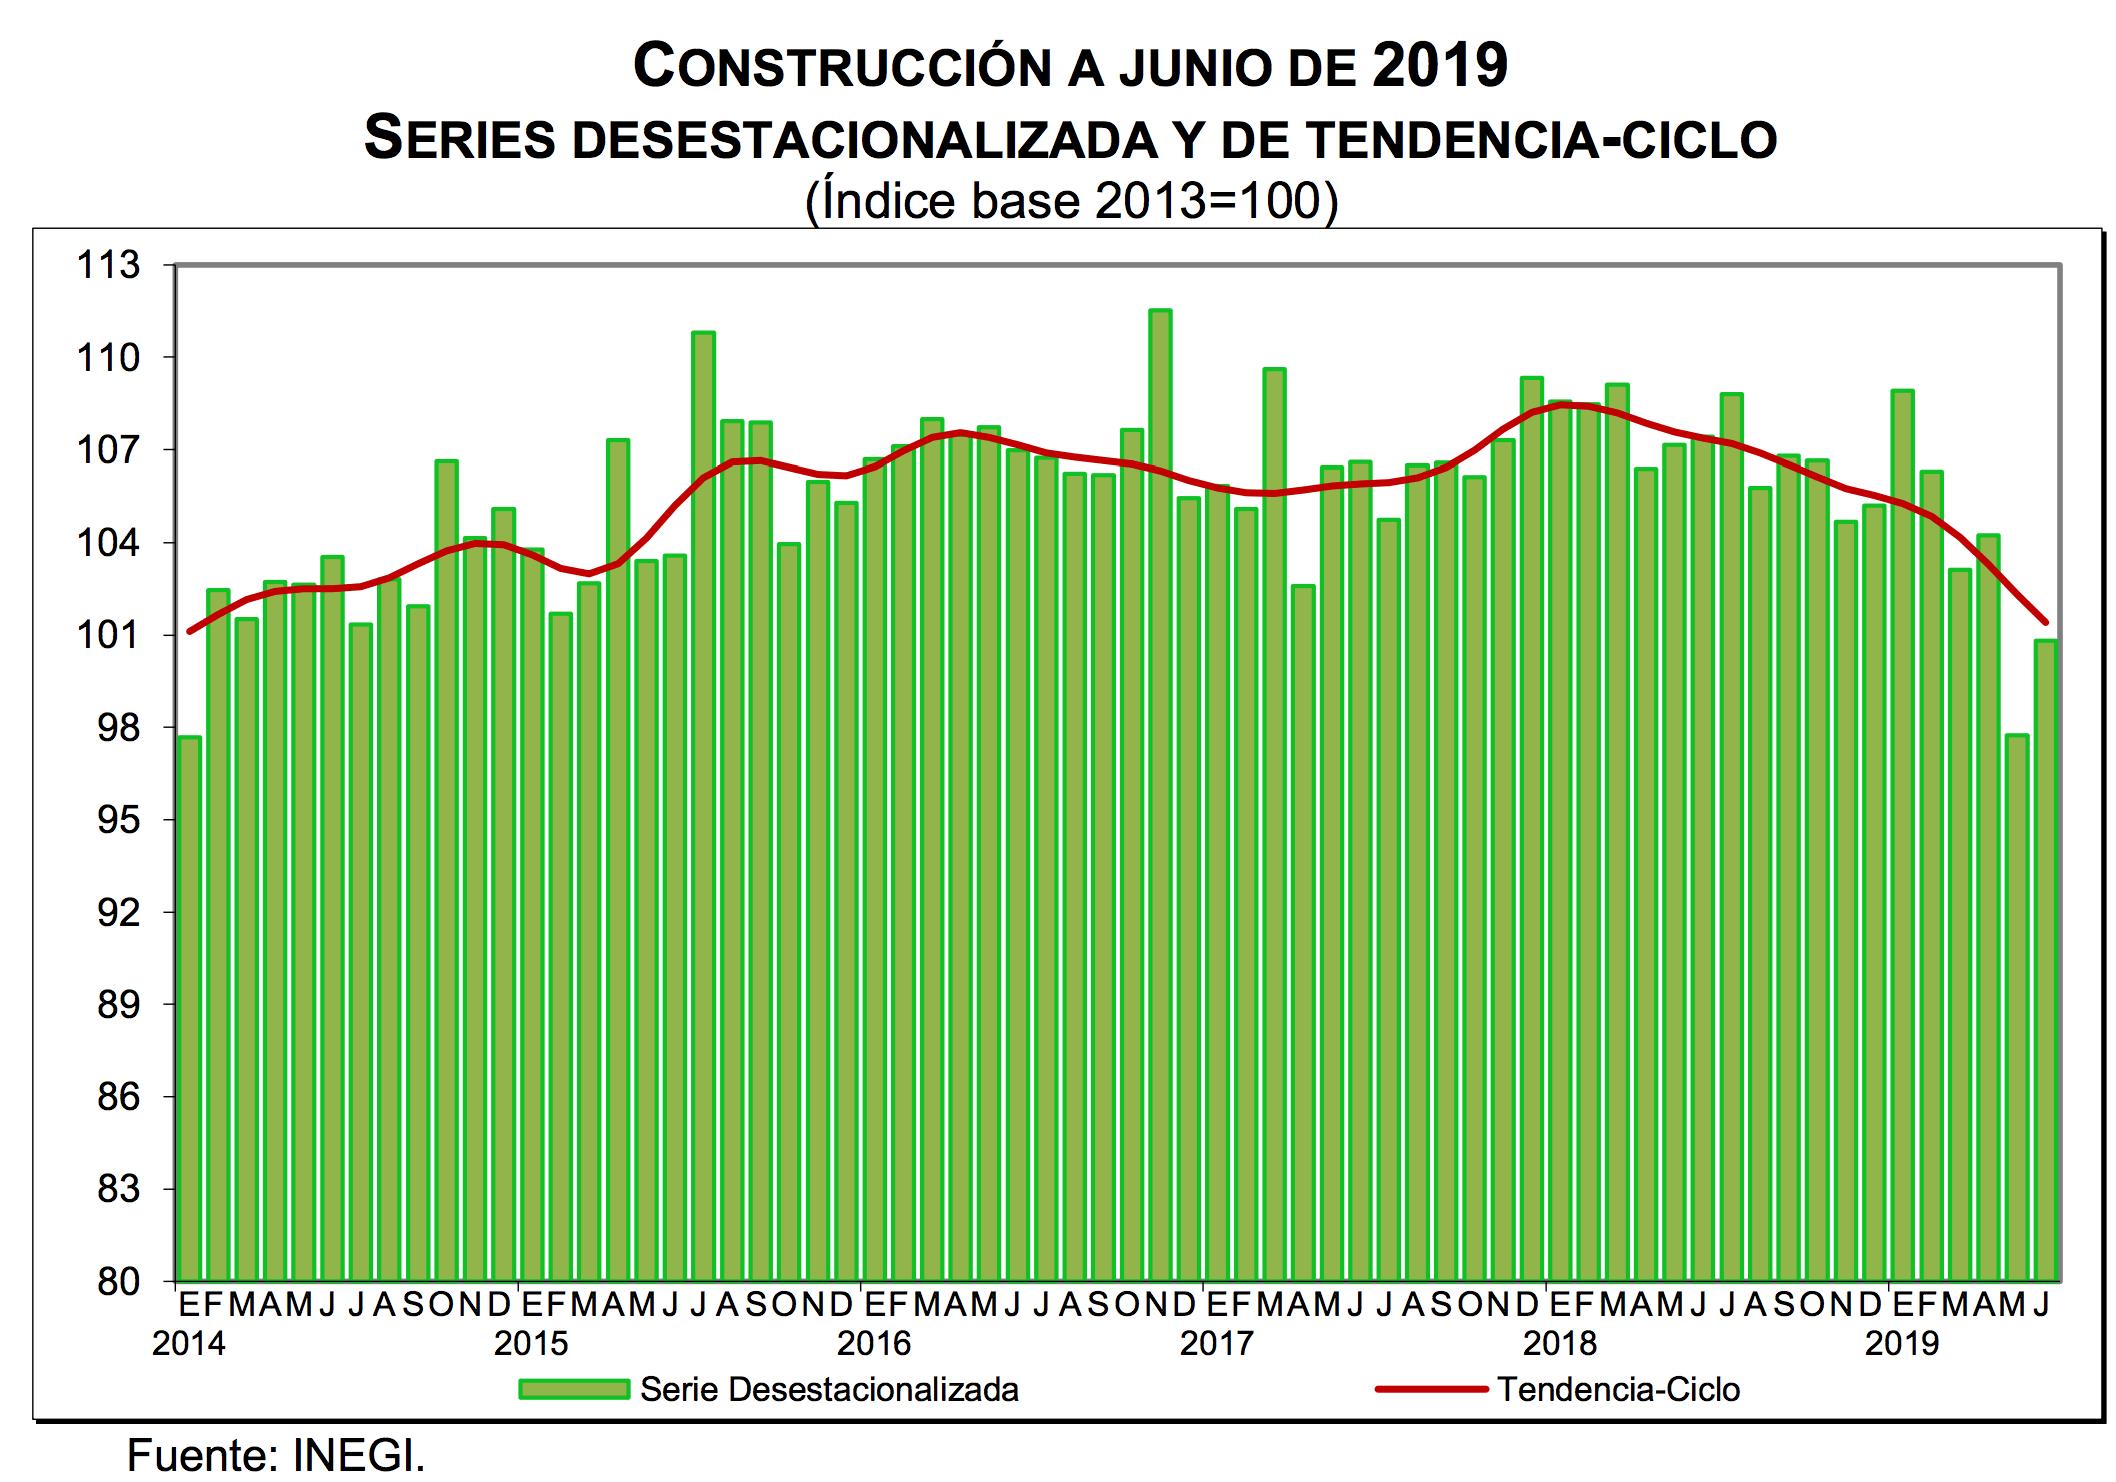 Construcción a junio de 2019. Series desestacionalizadas y de tendencia-ciclo. Datos de INEGI.